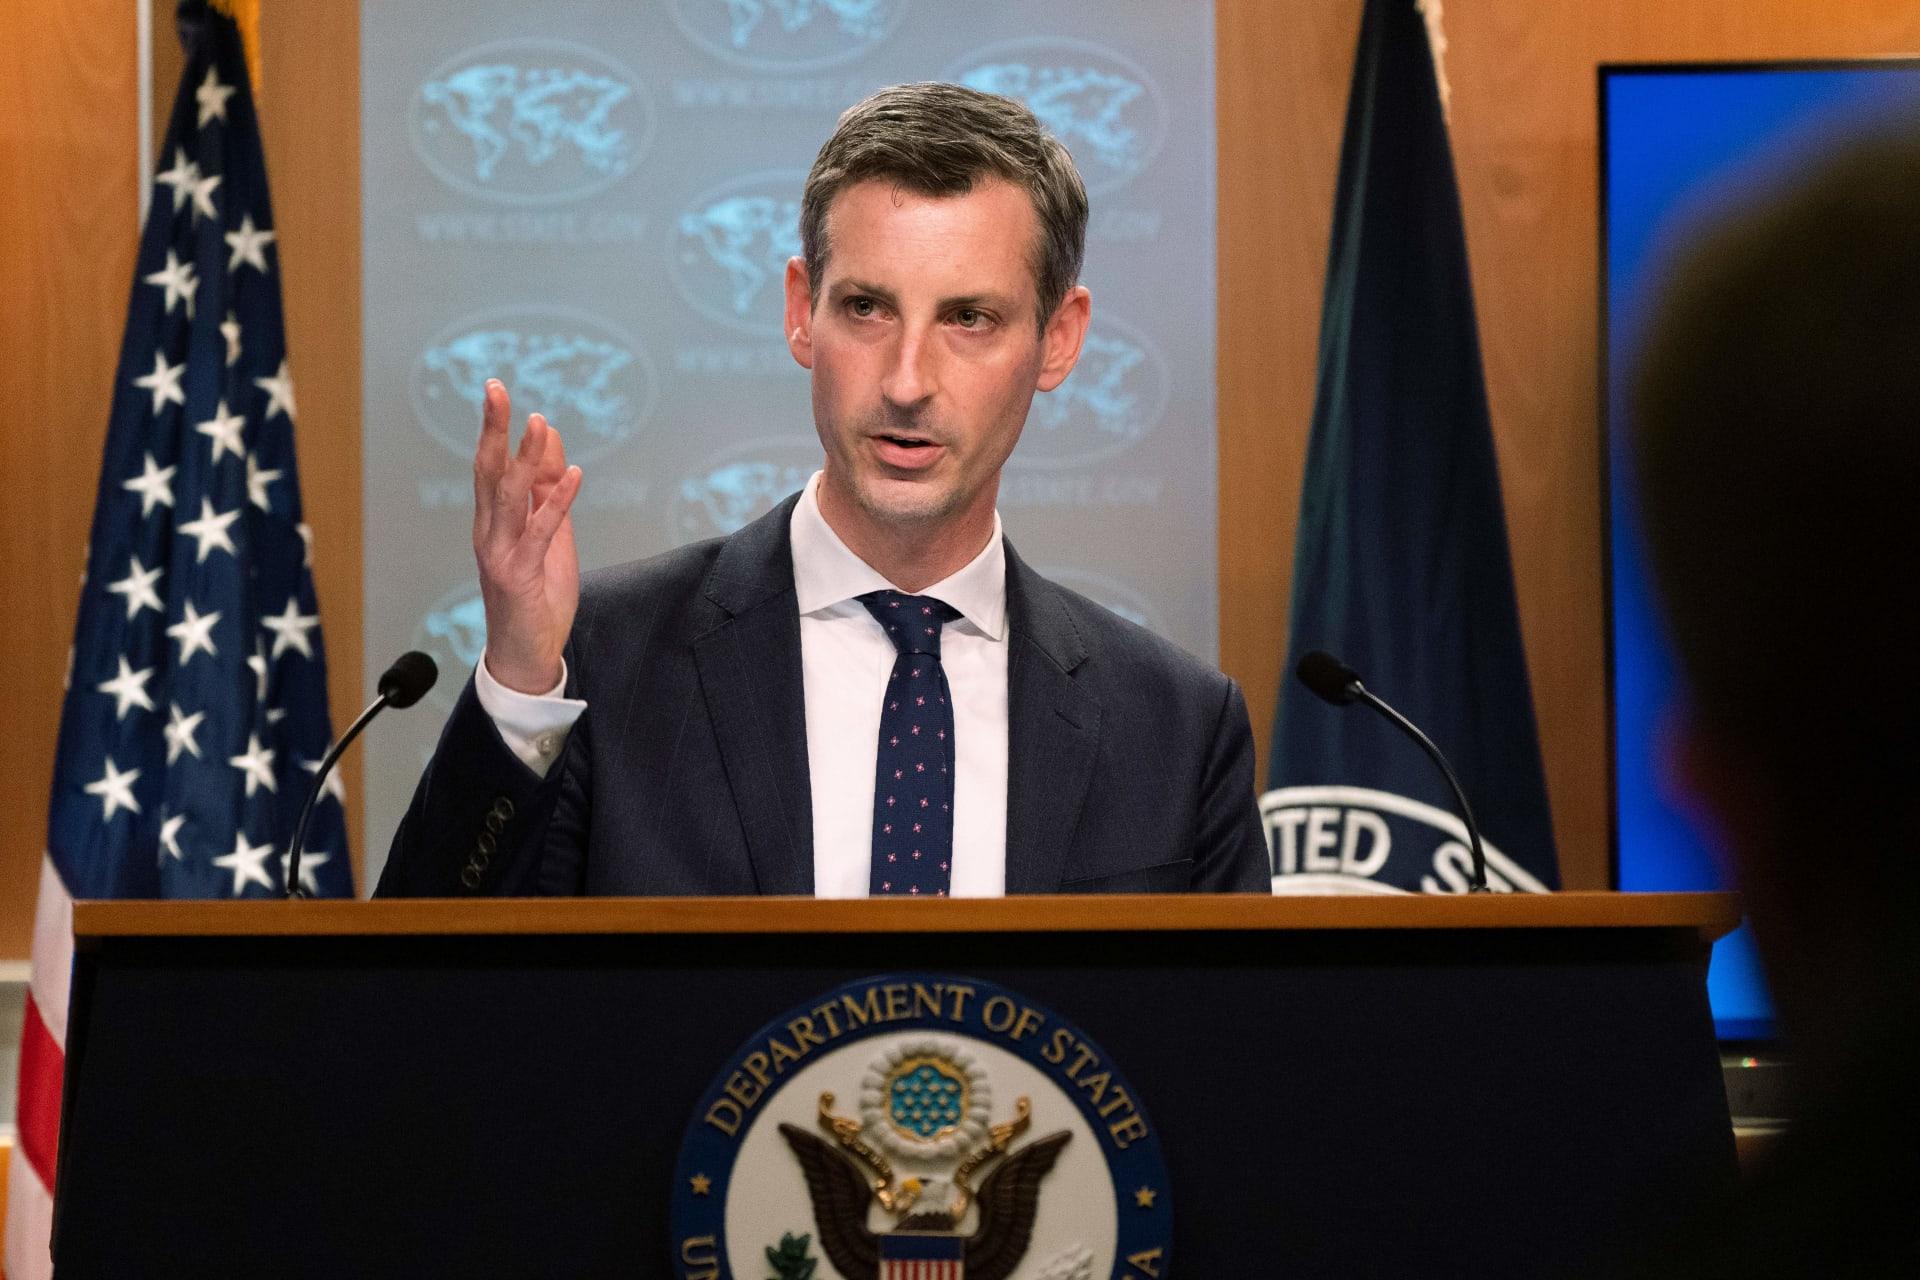 الخارجية الأمريكية: مصر داعم مهم للسلام.. ولدينا قلق عميق بشأن ملف حقوق الإنسان